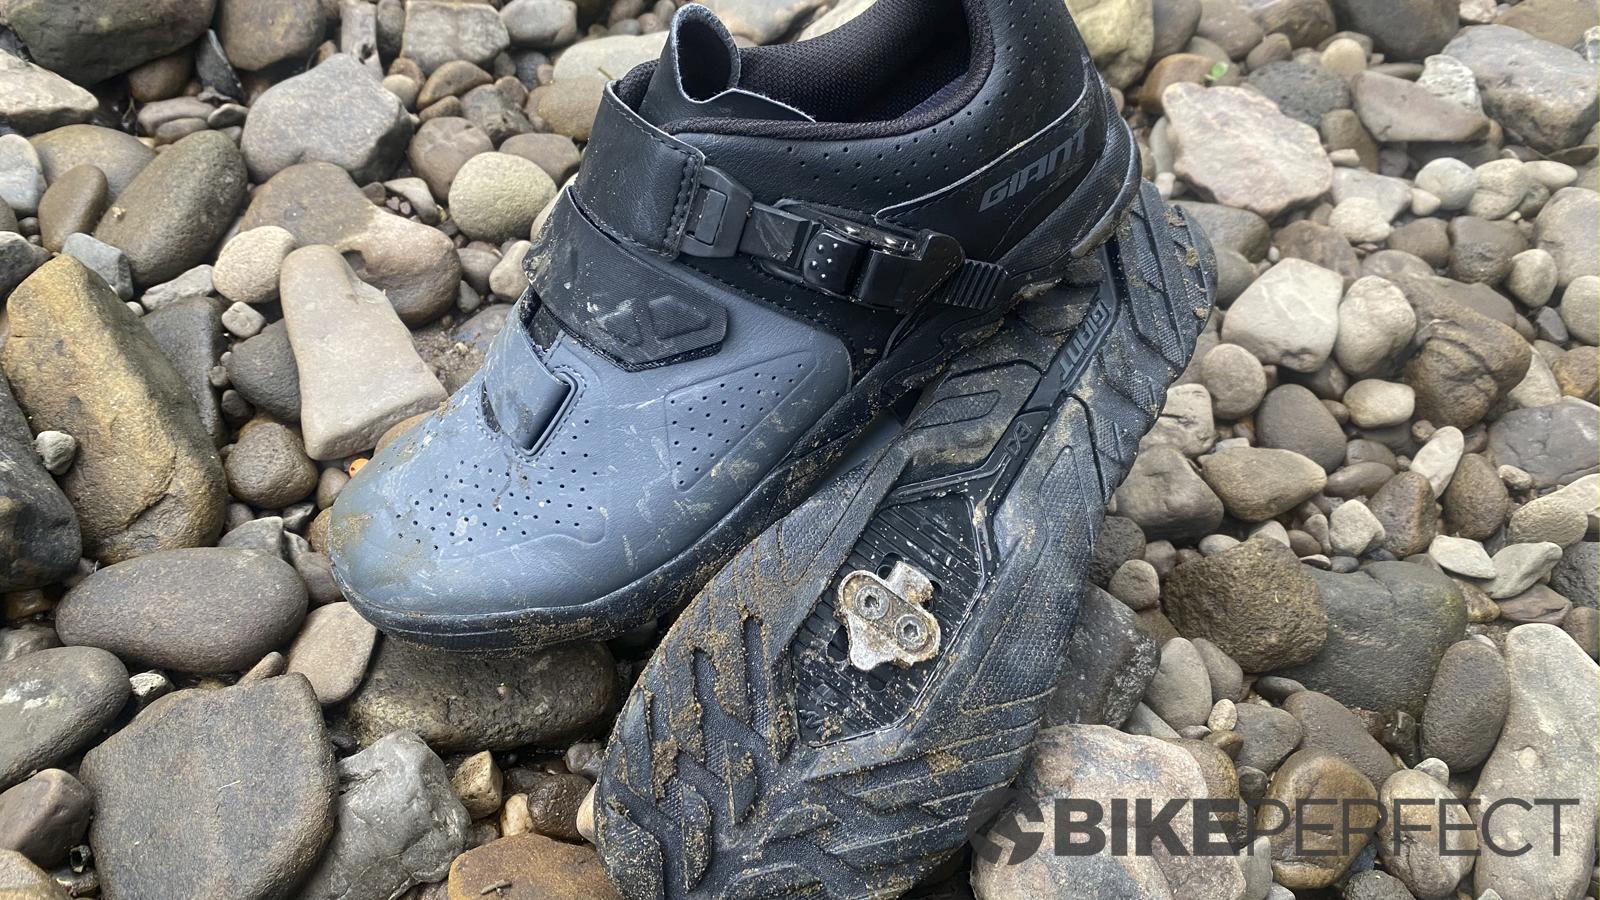 Giant Line mountain bike shoe review